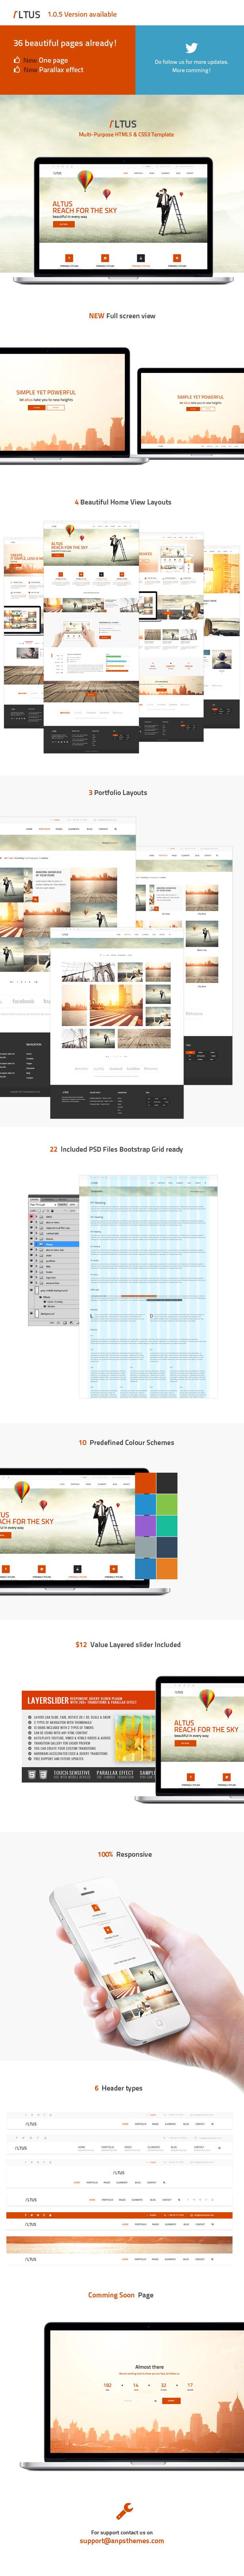 Altus - Multi-Purpose HTML Template - 3